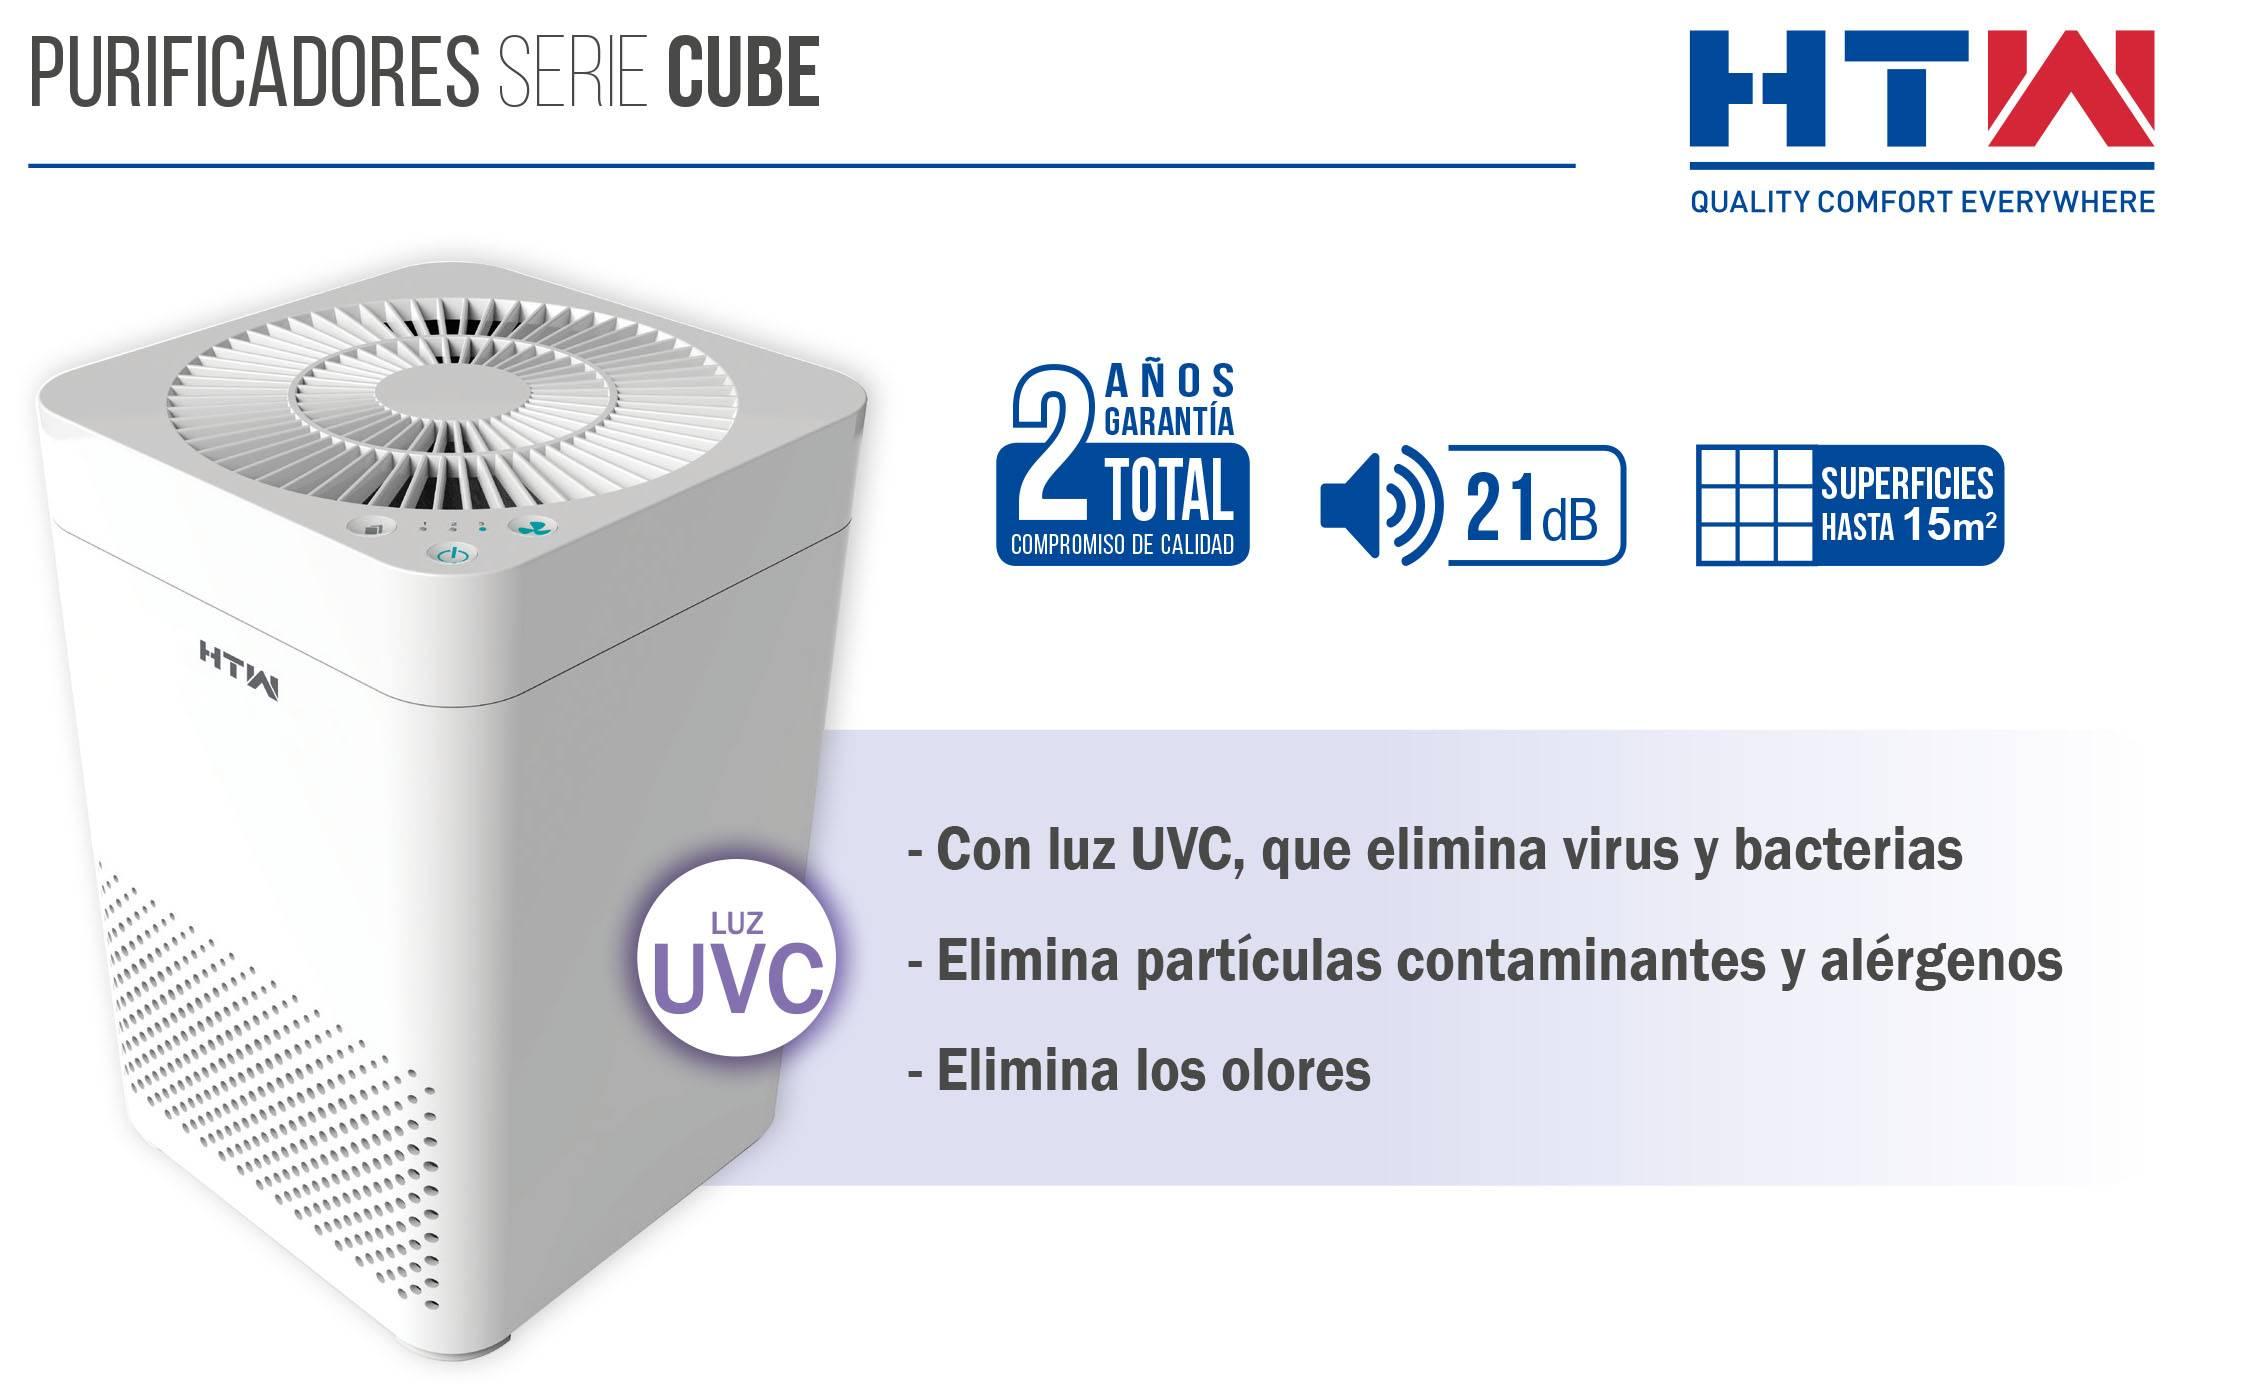 Purificador de aire HTW Cube Luz UVC